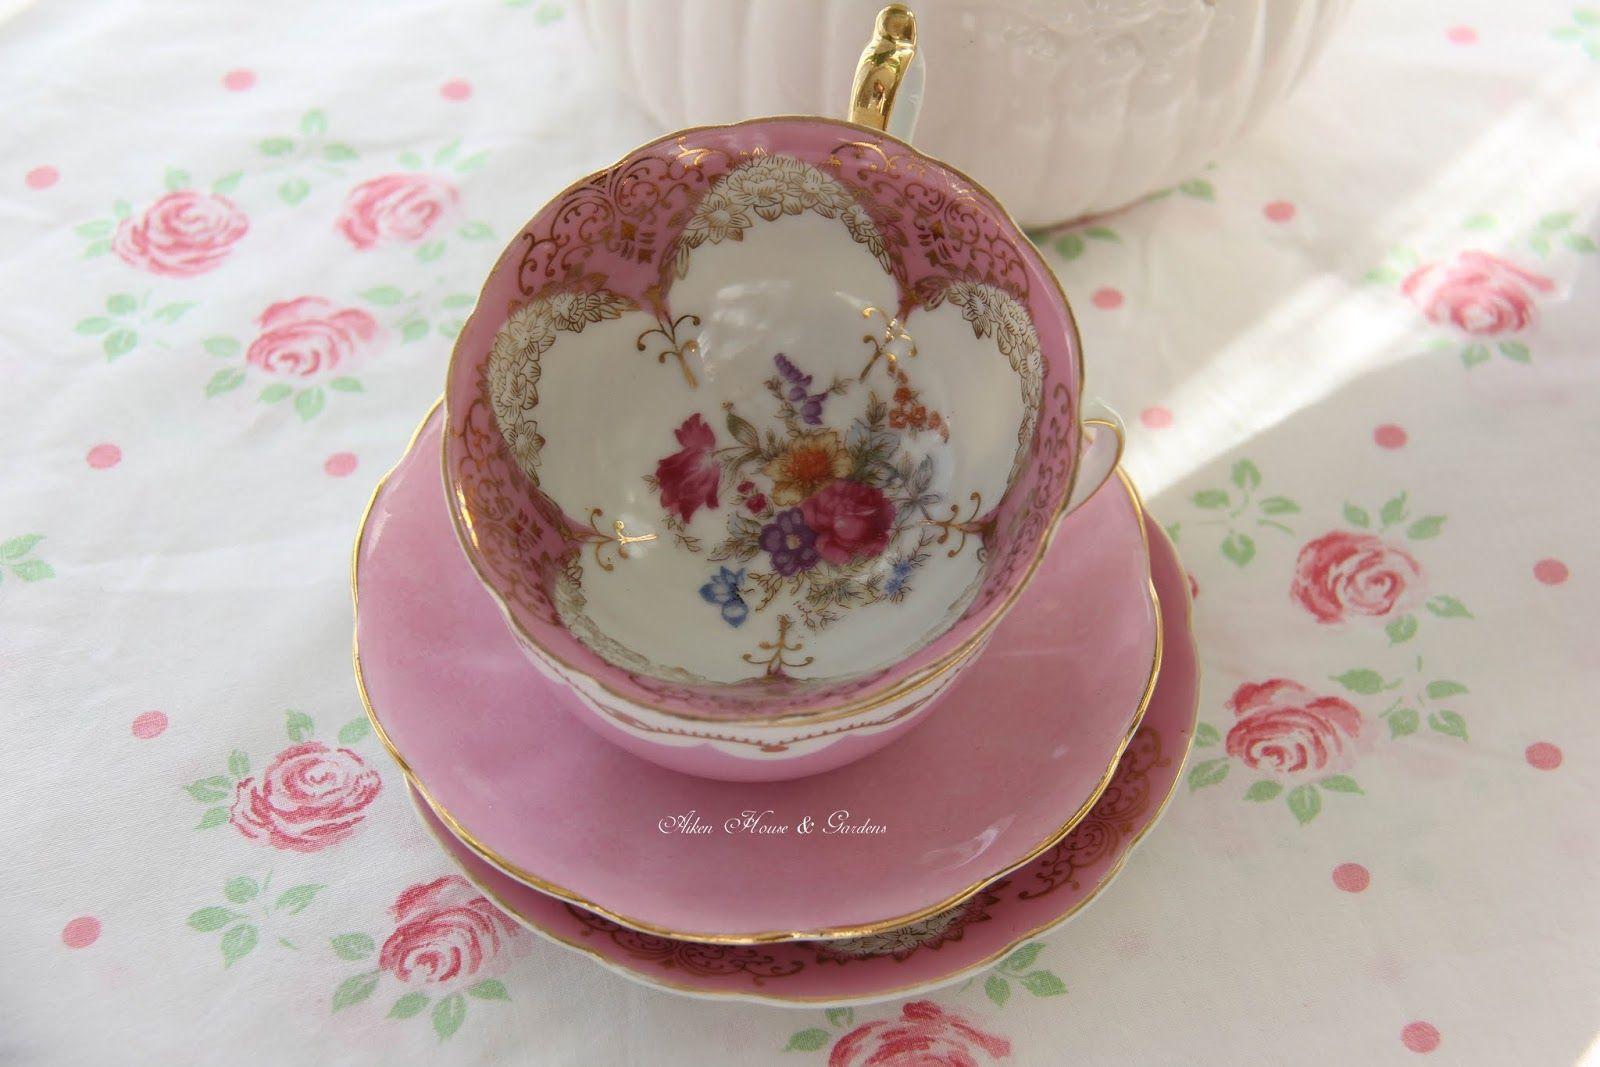 Aiken House & Gardens: A Pink Tea Time